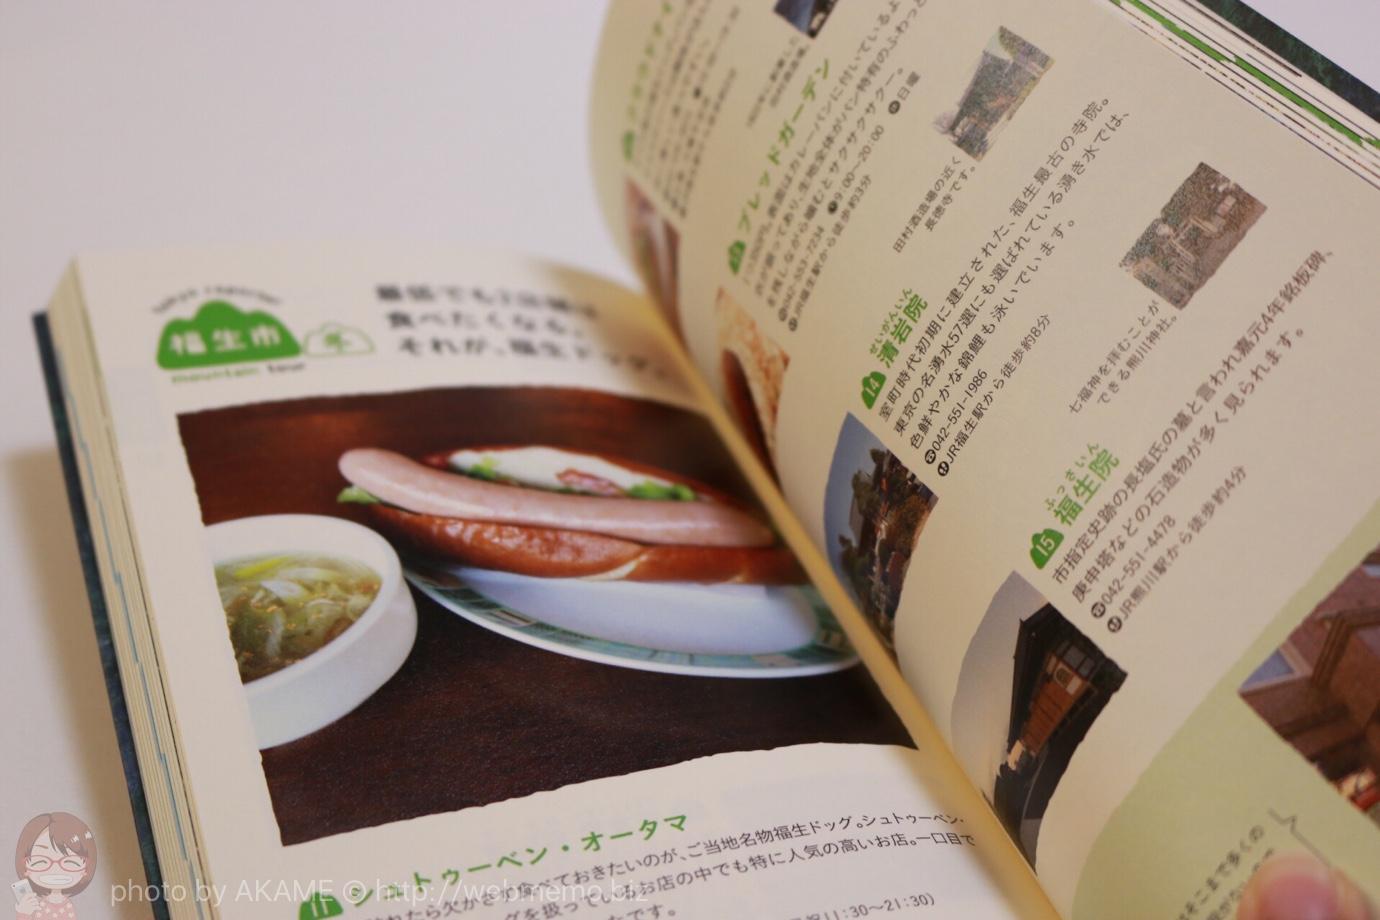 tokyo reporter 島旅&山旅 福生市のページ